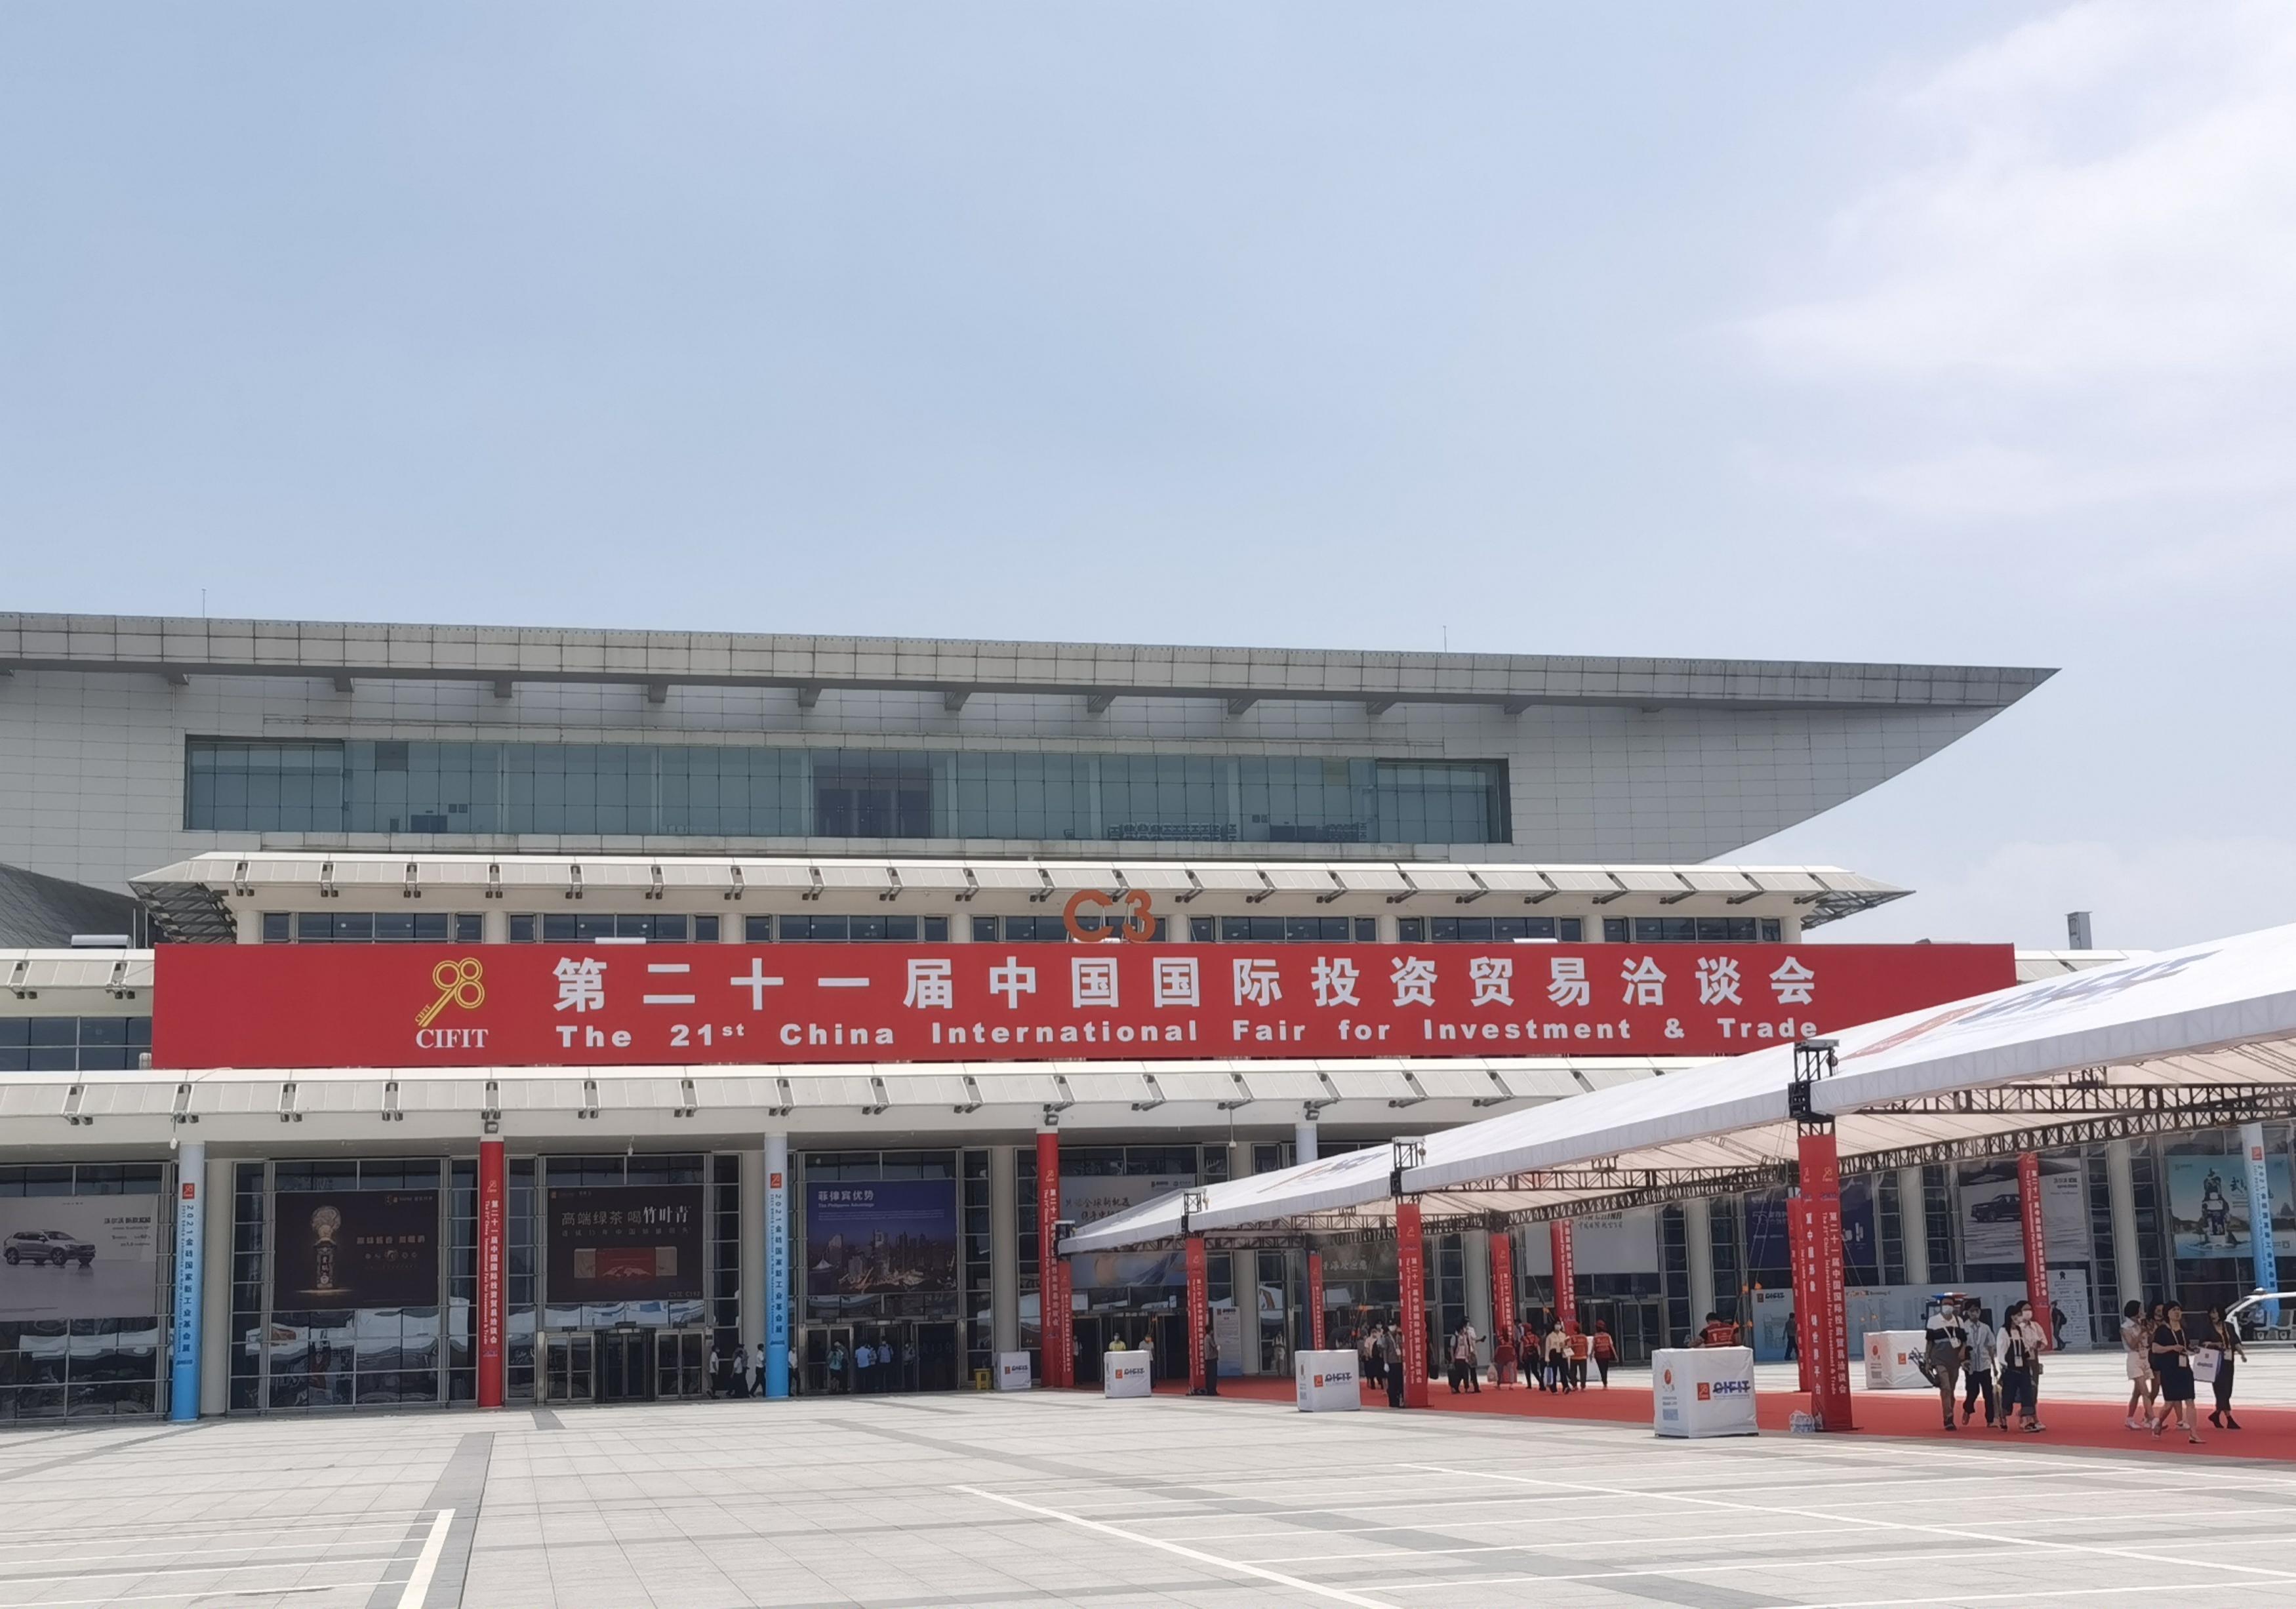 第21界中国投洽会盛装启幕,世汉科技亮相智慧城市暨人工智能展